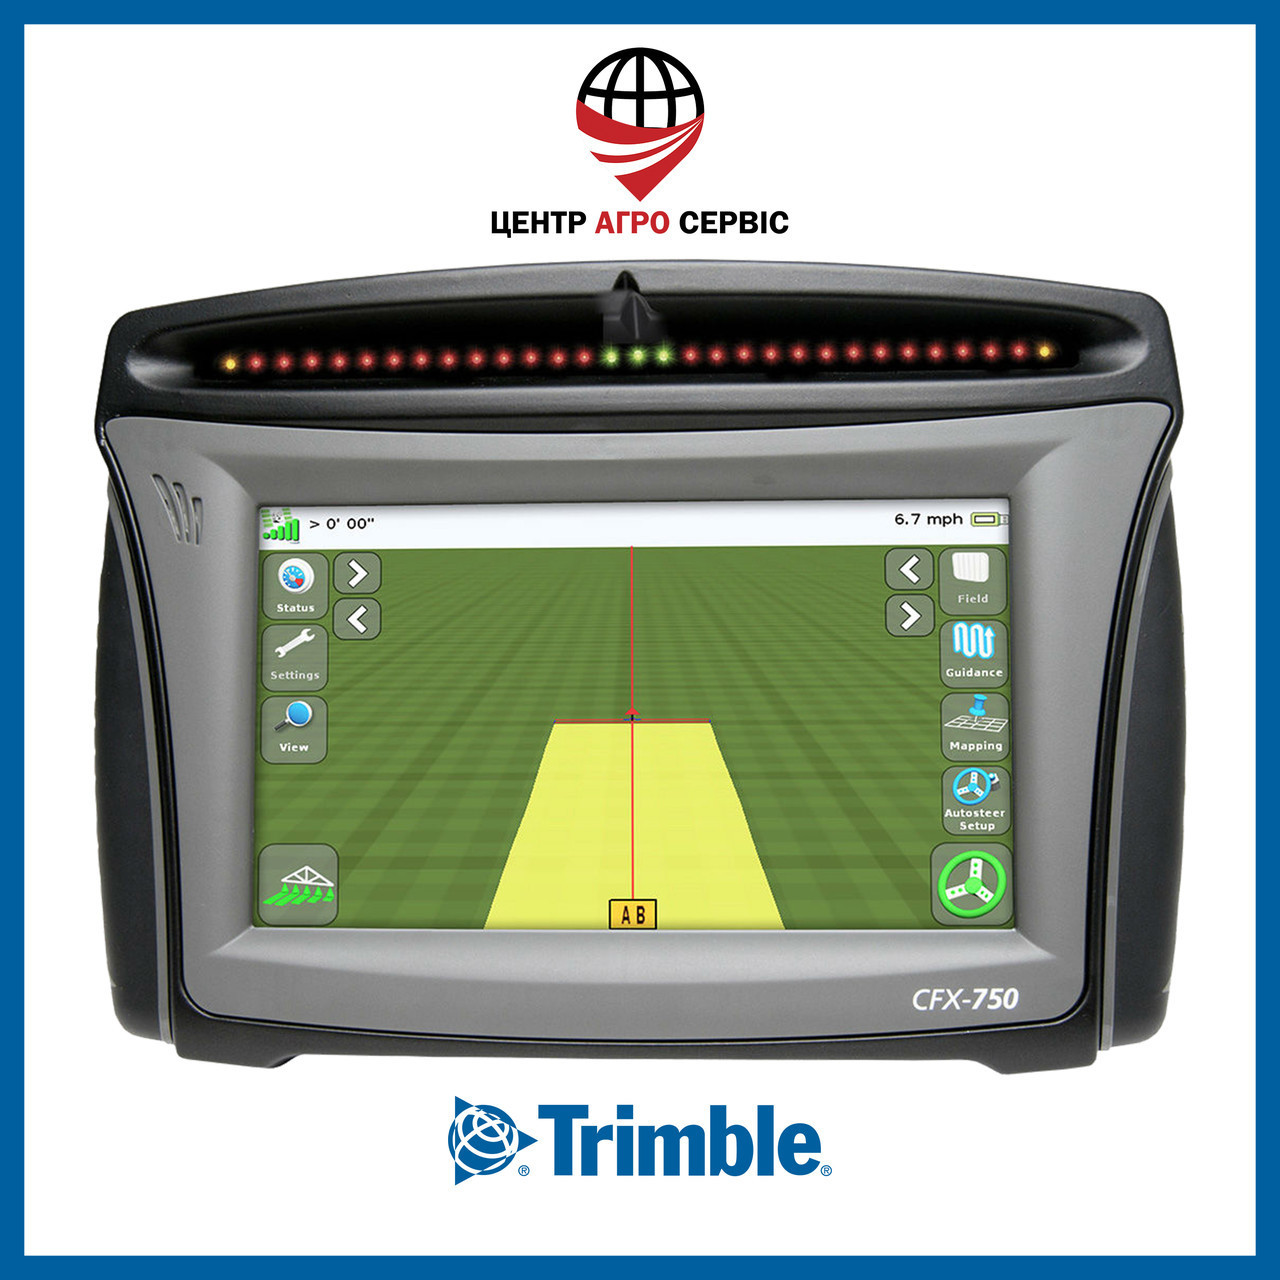 Сільгосп навігатор Trimble CFX 750 Lite, Навігатор для сільгосптехніки